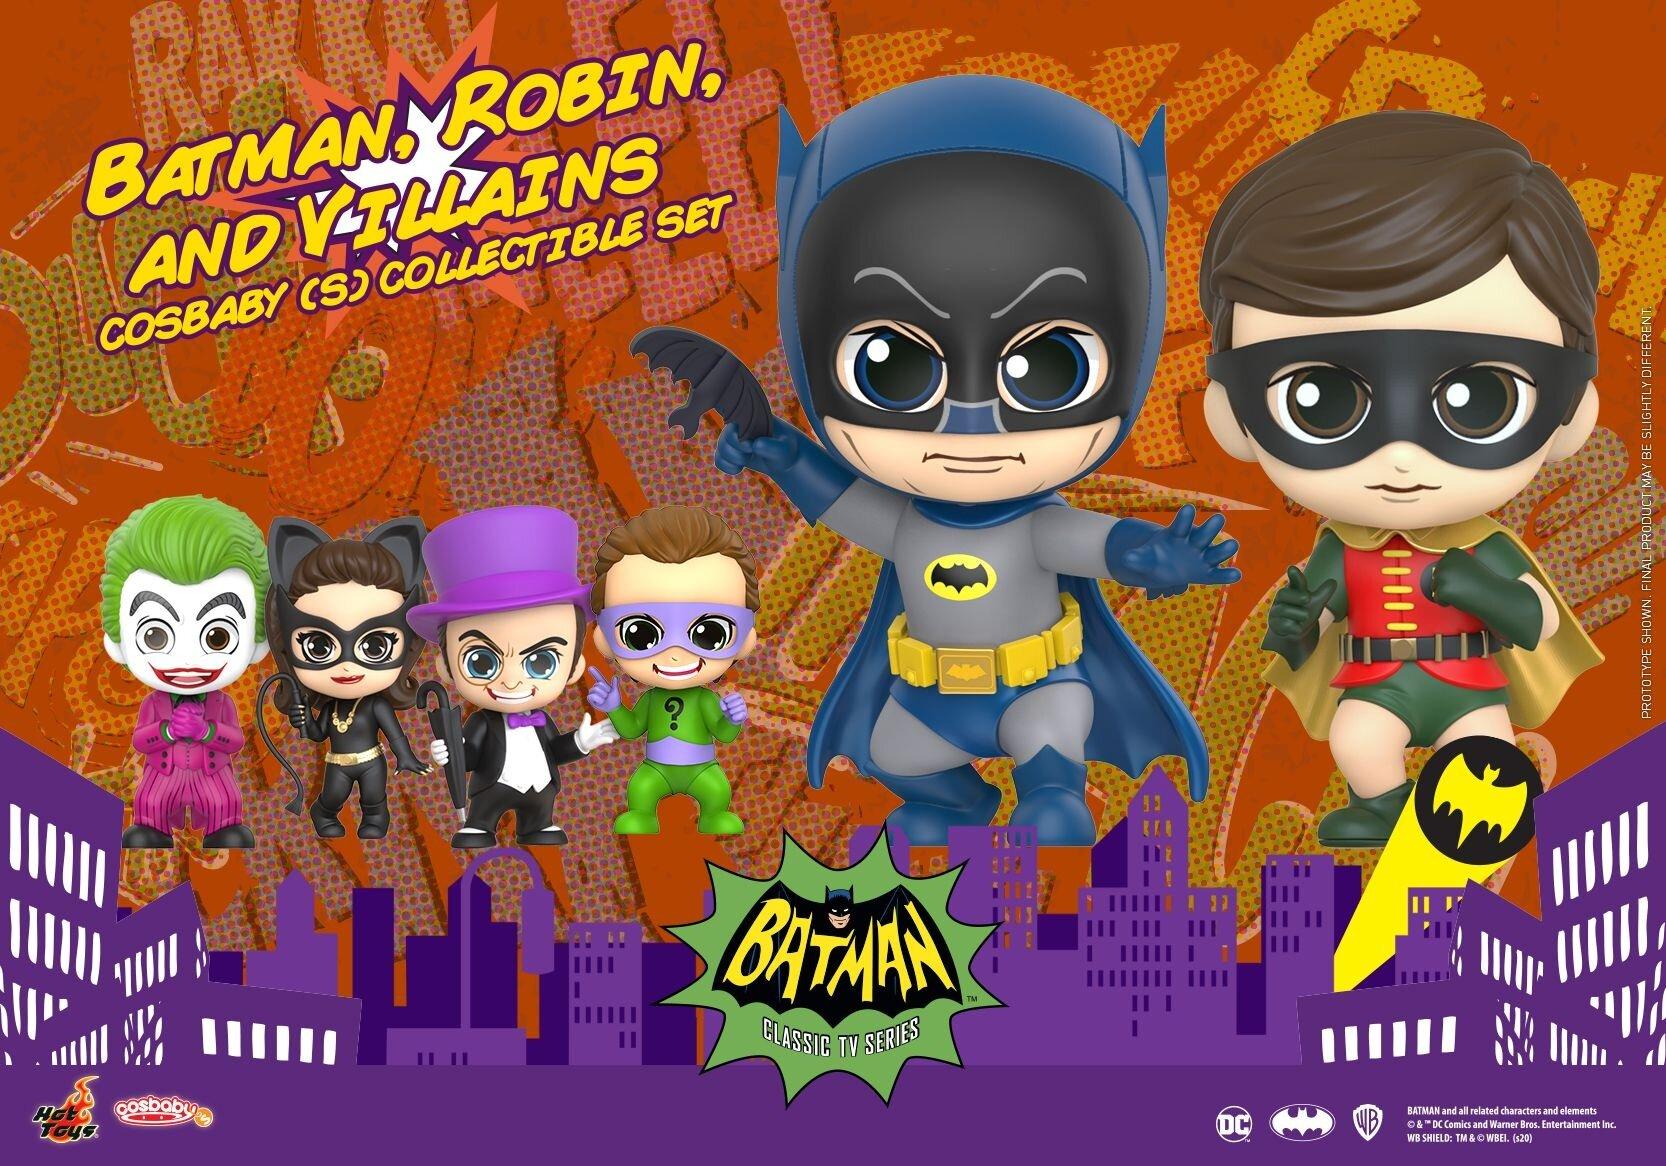 [Hot Toys] 코스베이비 배트맨 클래식 TV : 배트맨, 로빈&빌런들 S세트 COSB705